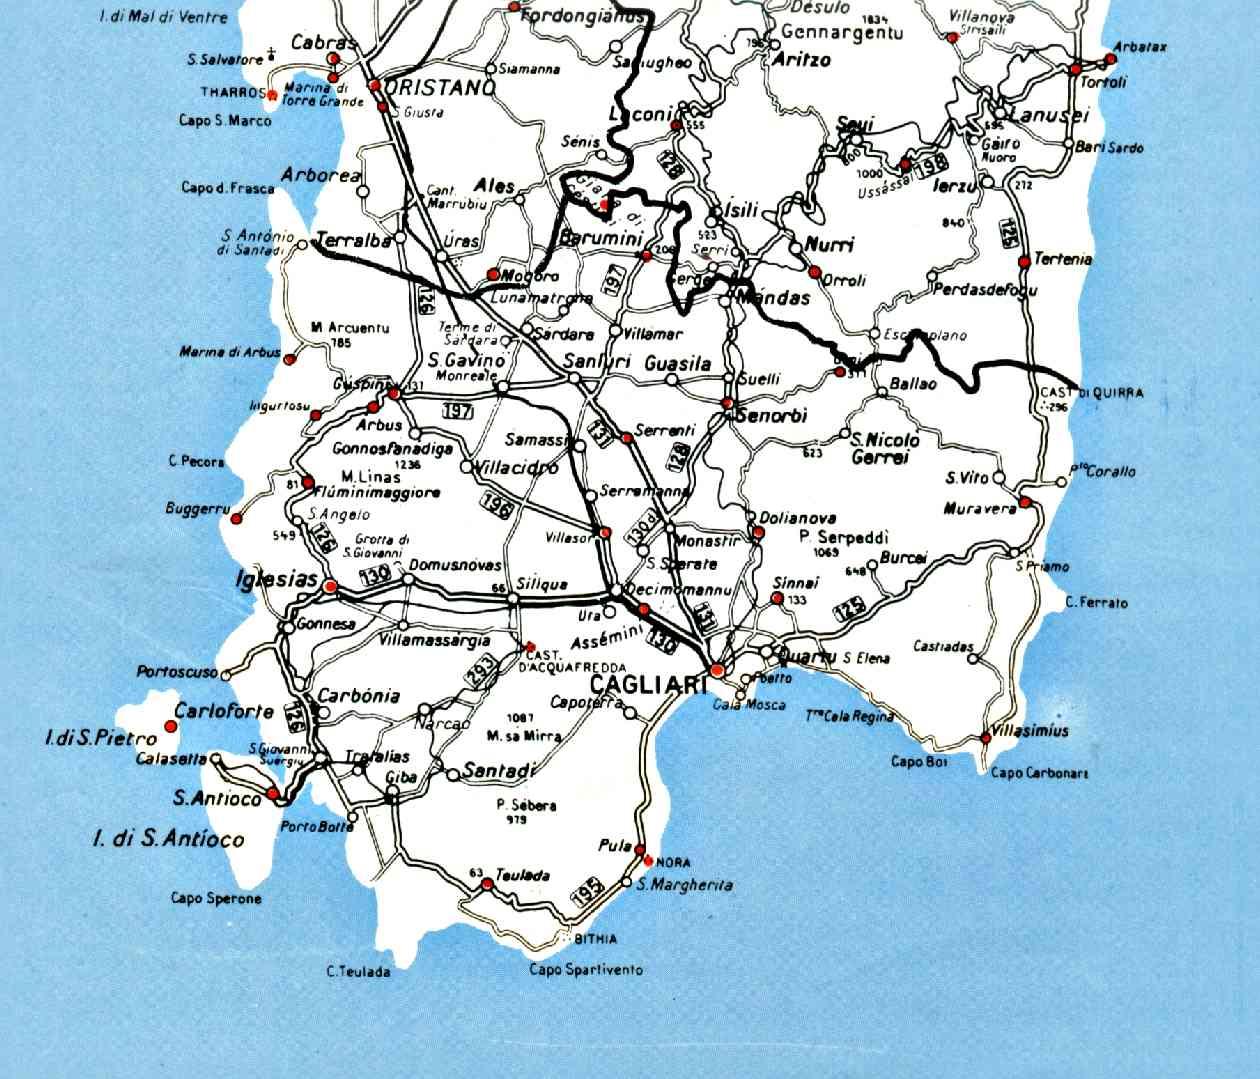 Sardegna Cartina Sud.Cartina Sud